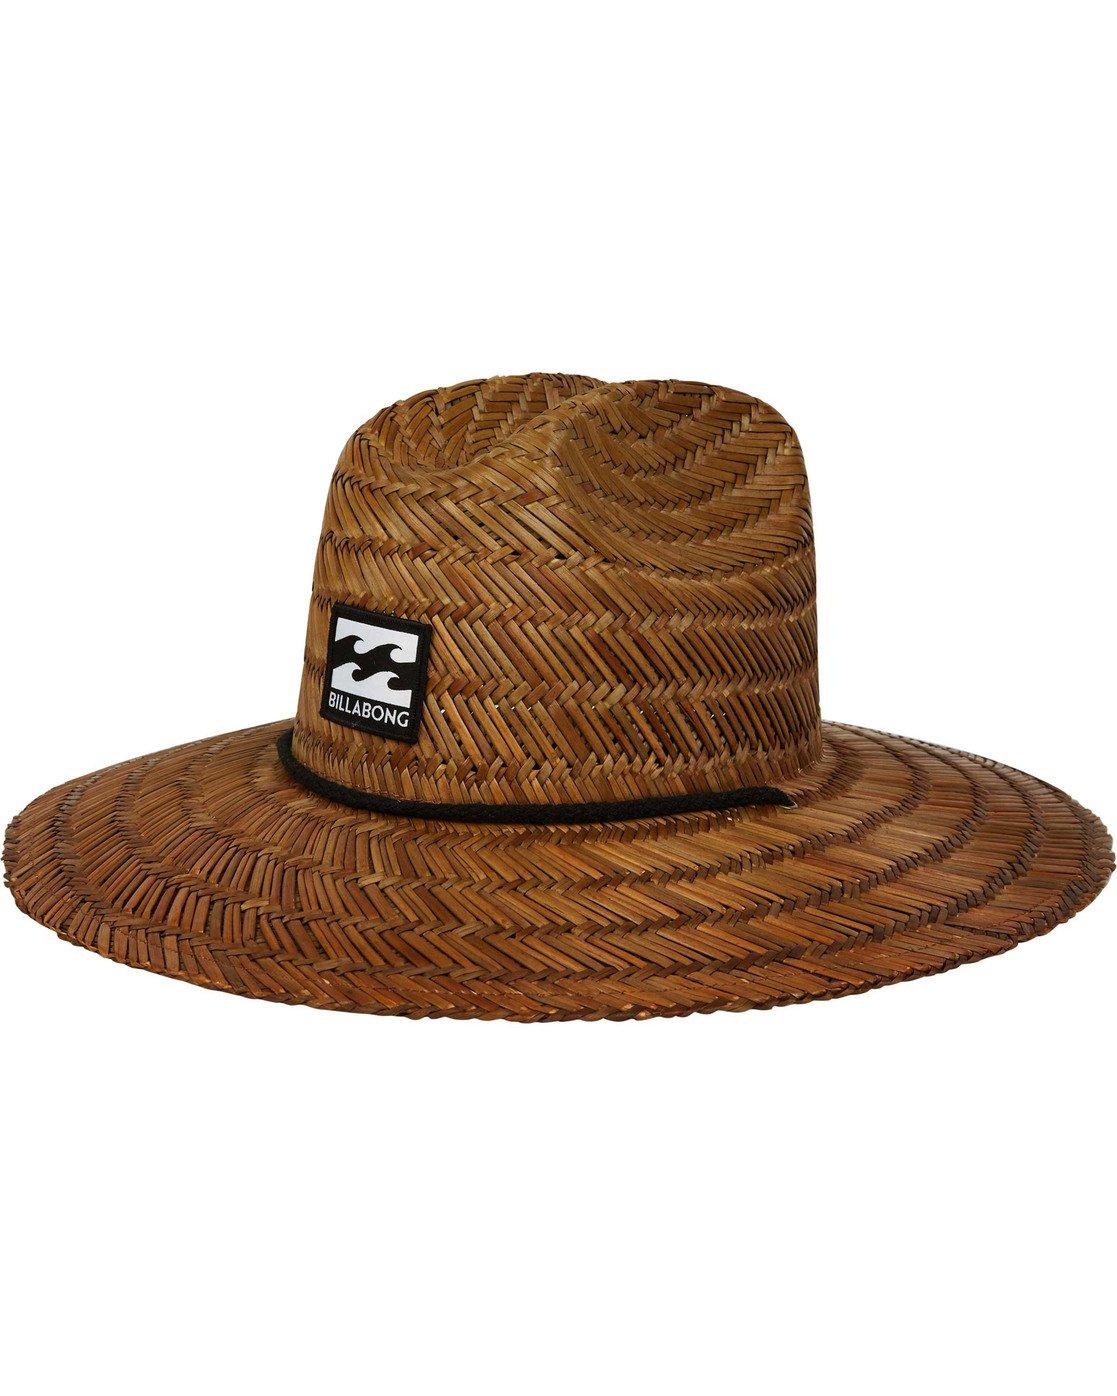 5a8263d50dfe4 0 Tides Hat Brown MAHTATID Billabong